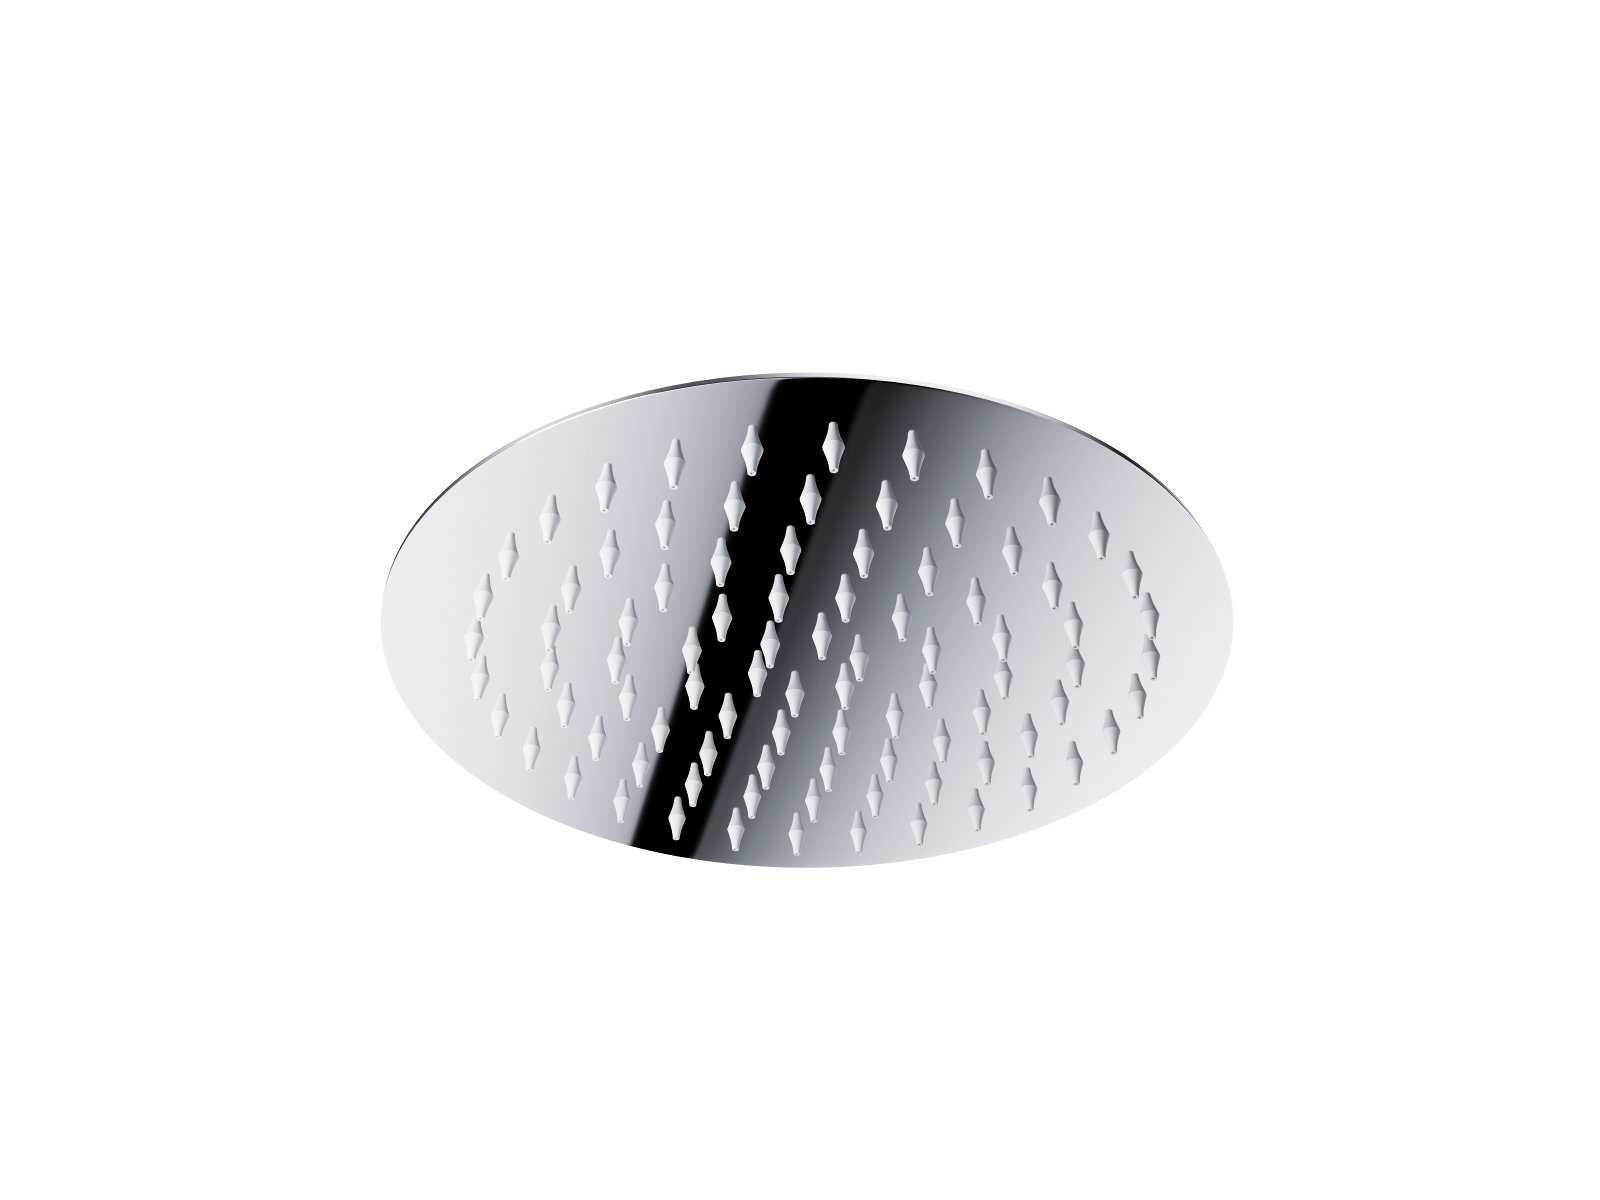 Štíhla sprchová hlavica Corsan CMDO25, okrúhla 25 cm